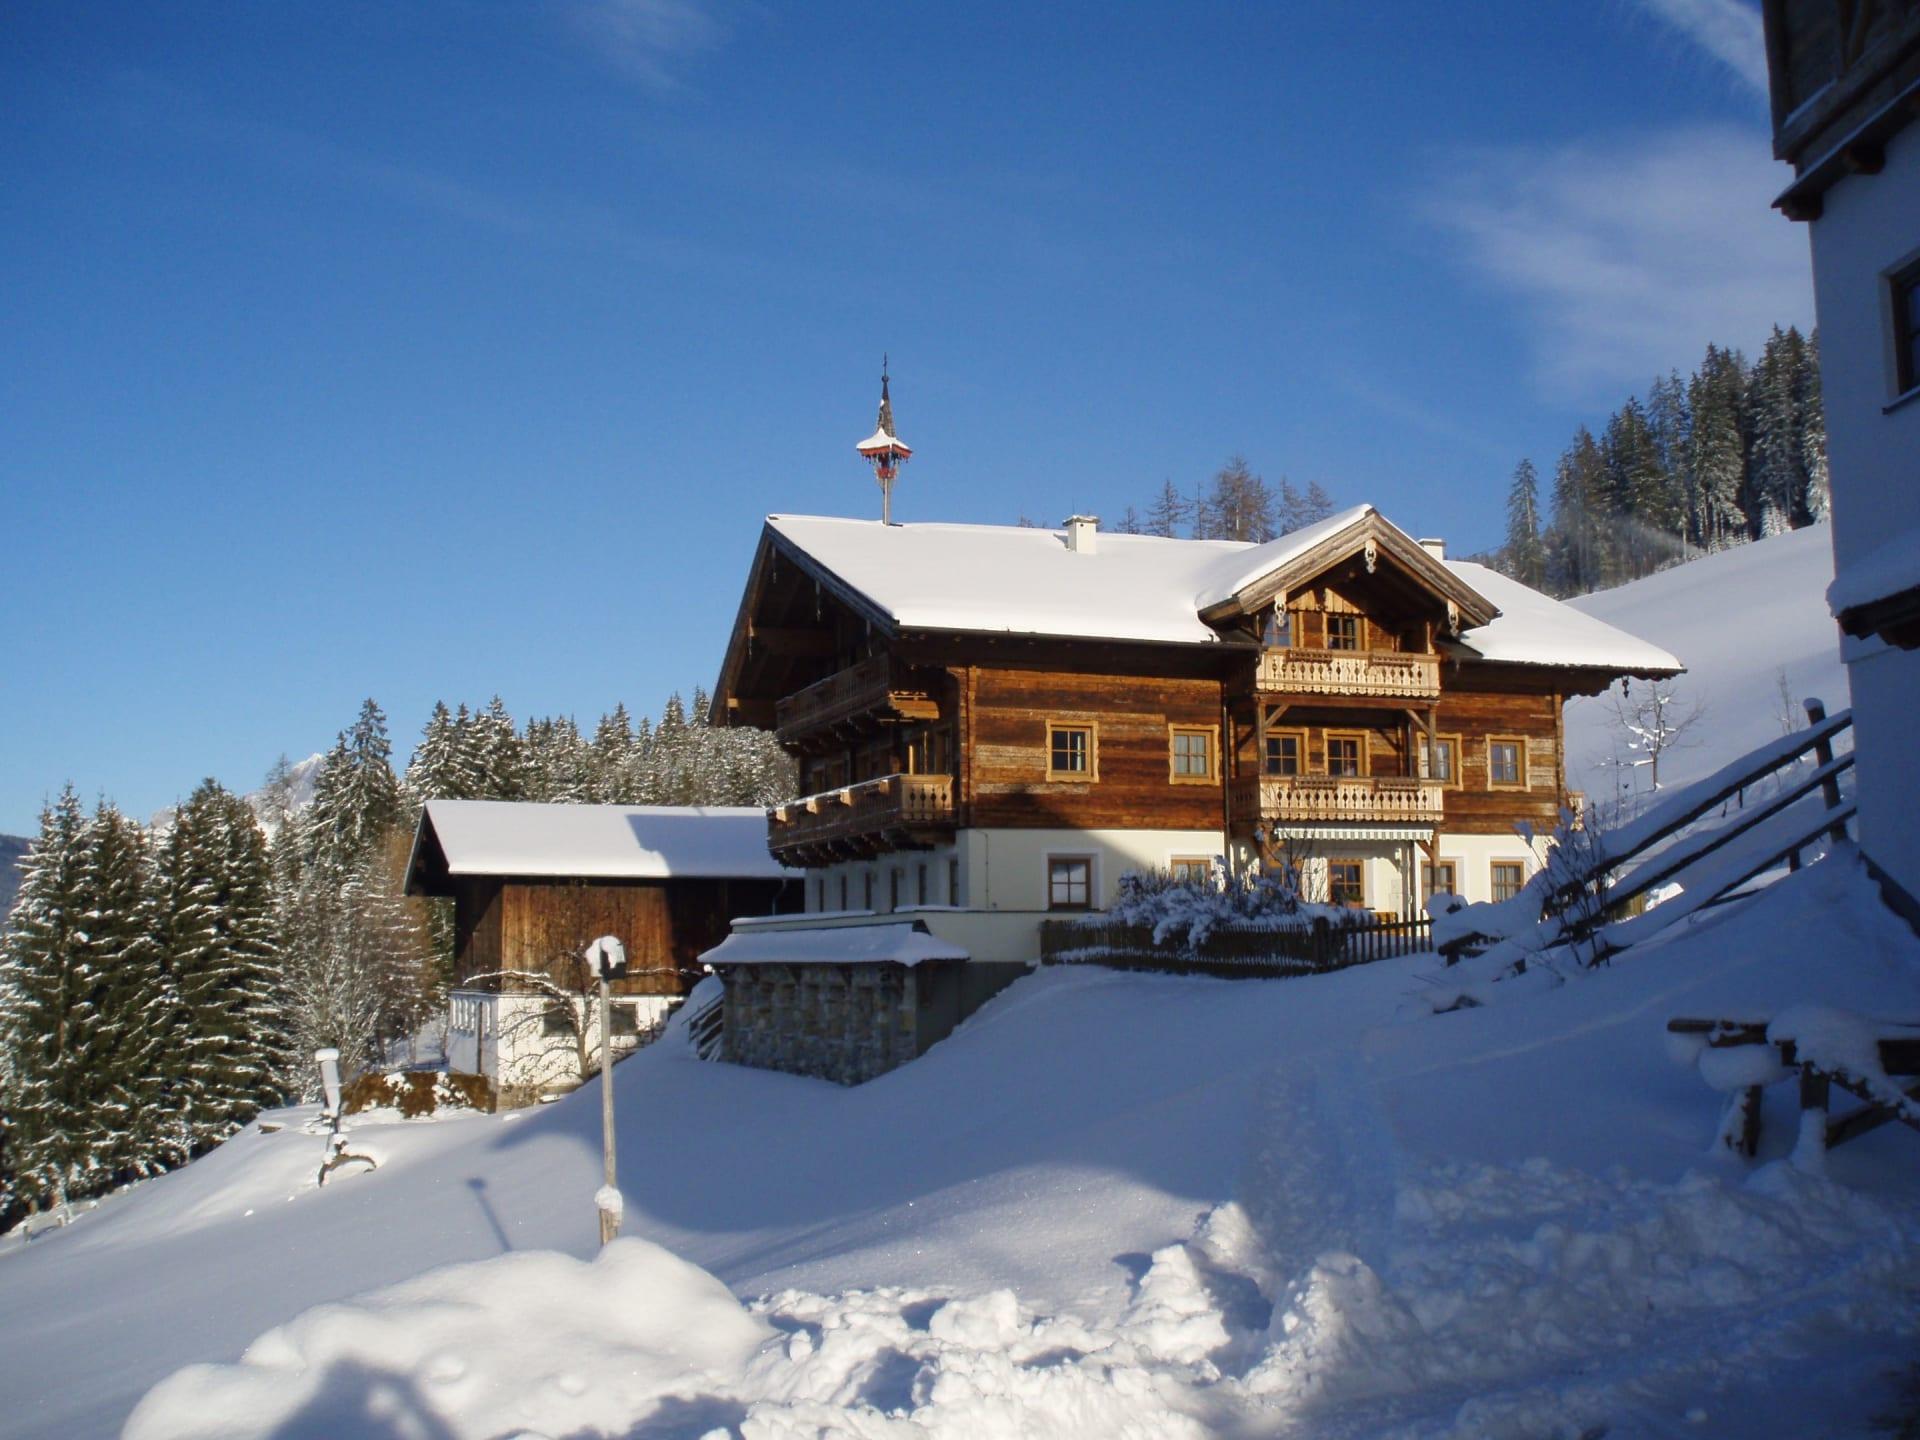 Bifanggut Winter